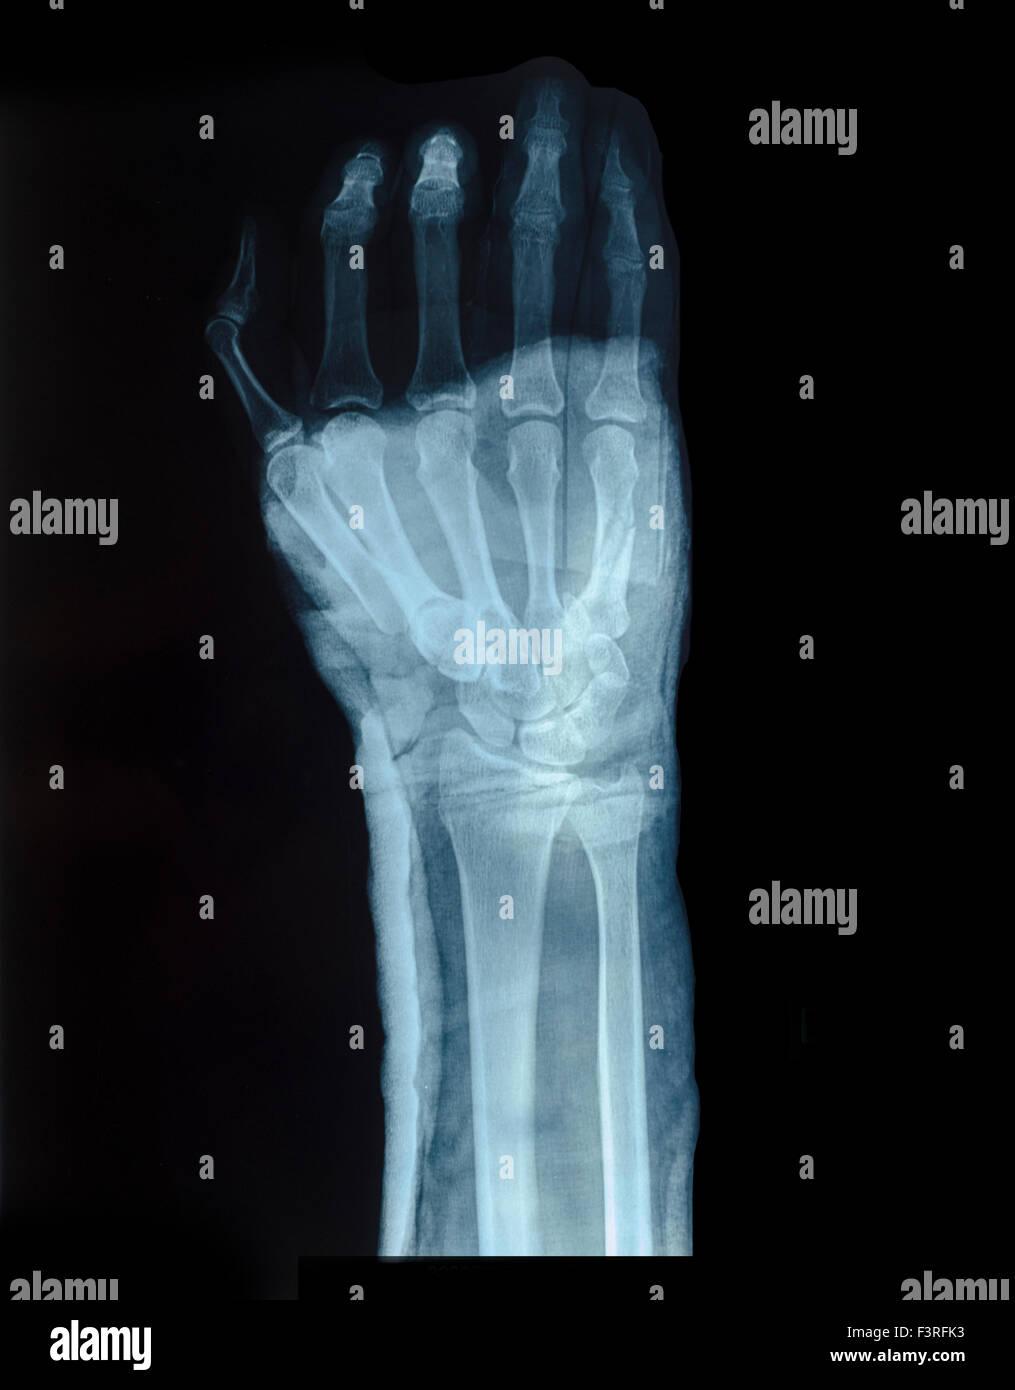 Röntgenbild Von Menschenhand Für Fraktur Stockfoto Bild 88412999